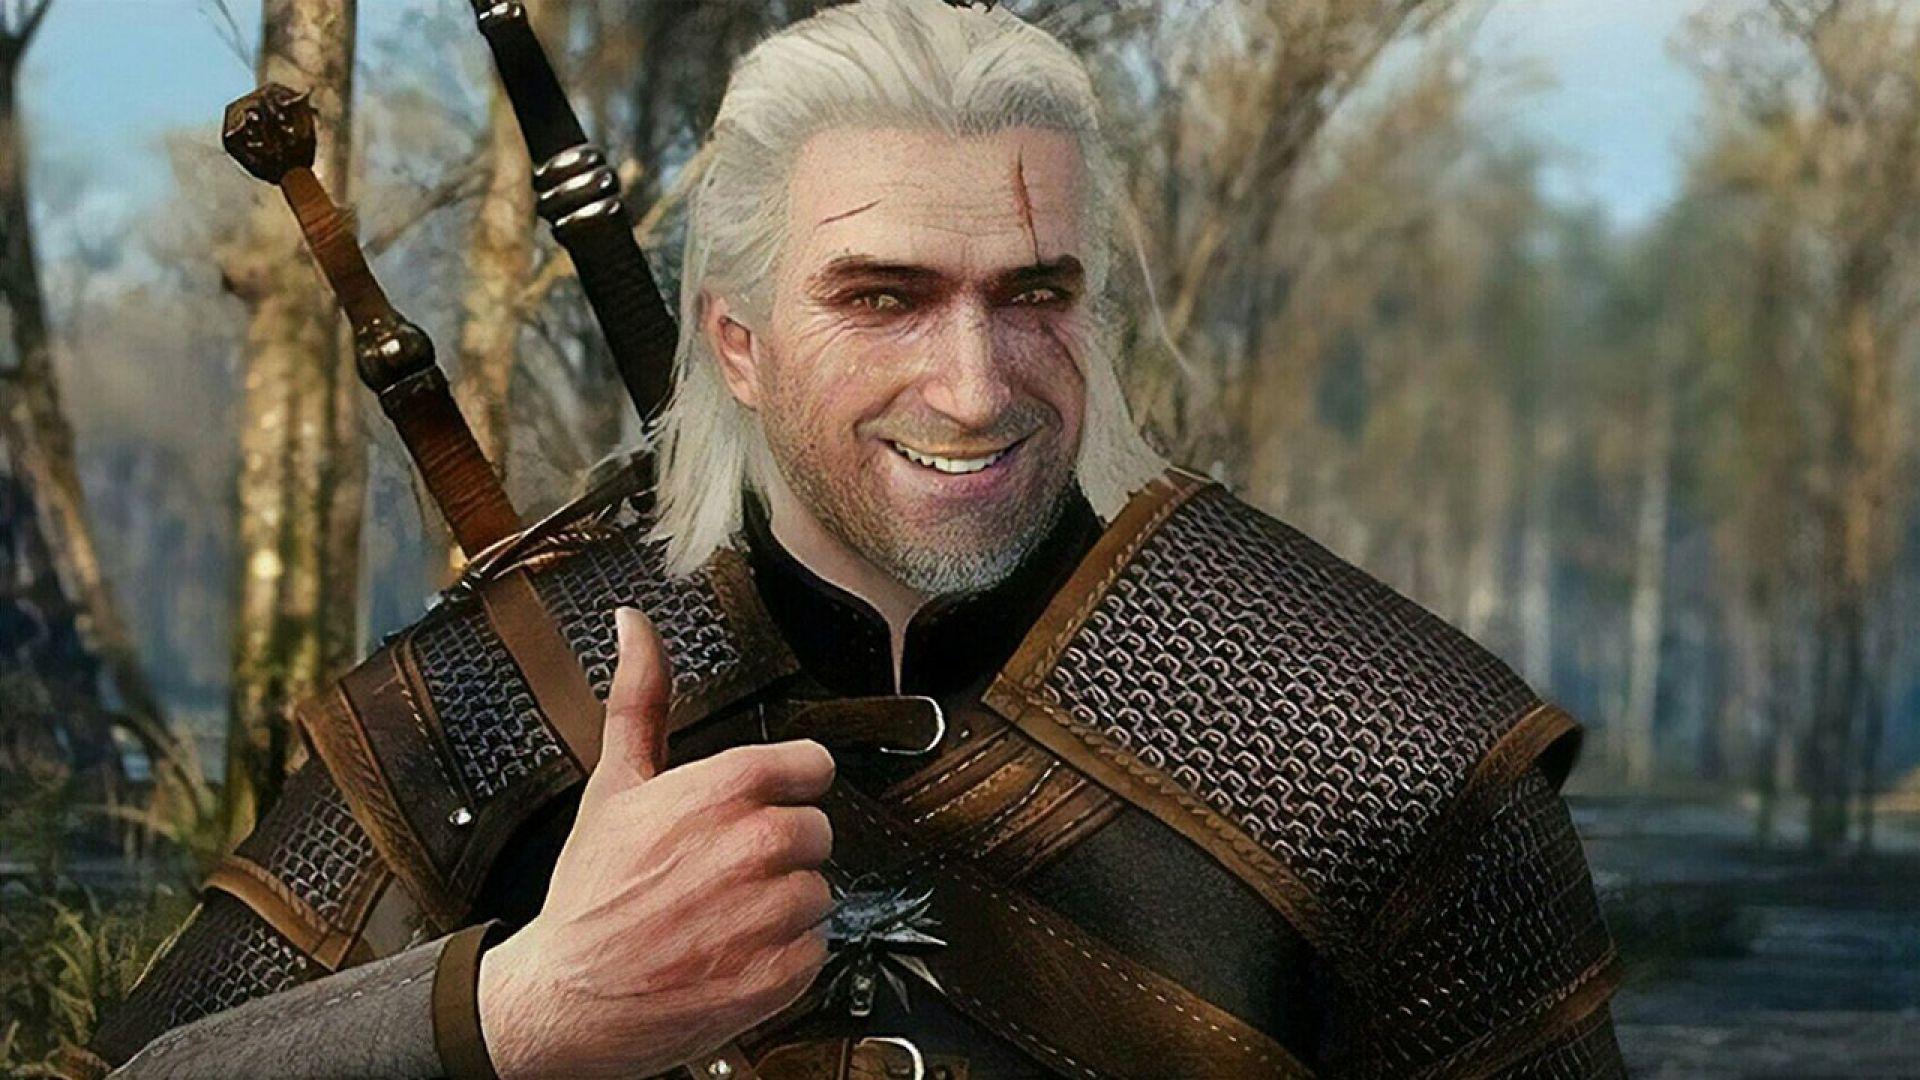 انتشار بسته الحاقی جدید برای بازی The Witcher 3 با الهام از سریال ویچر